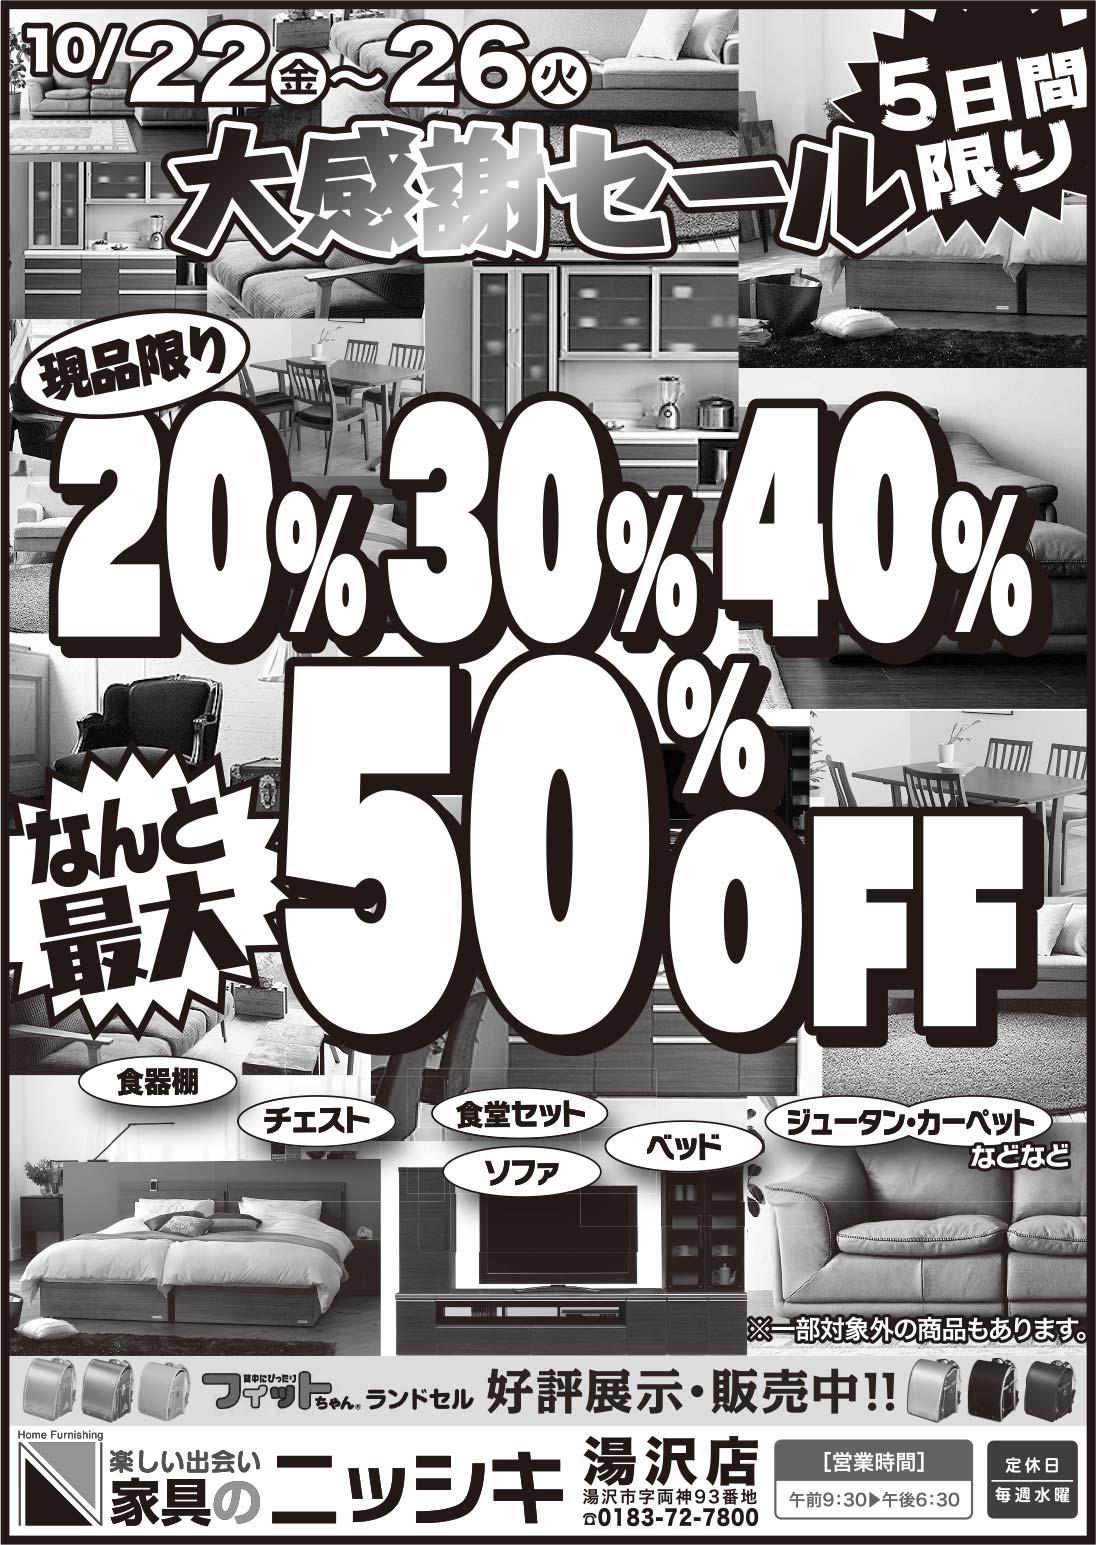 家具のニッシキ様の2021.10.22広告